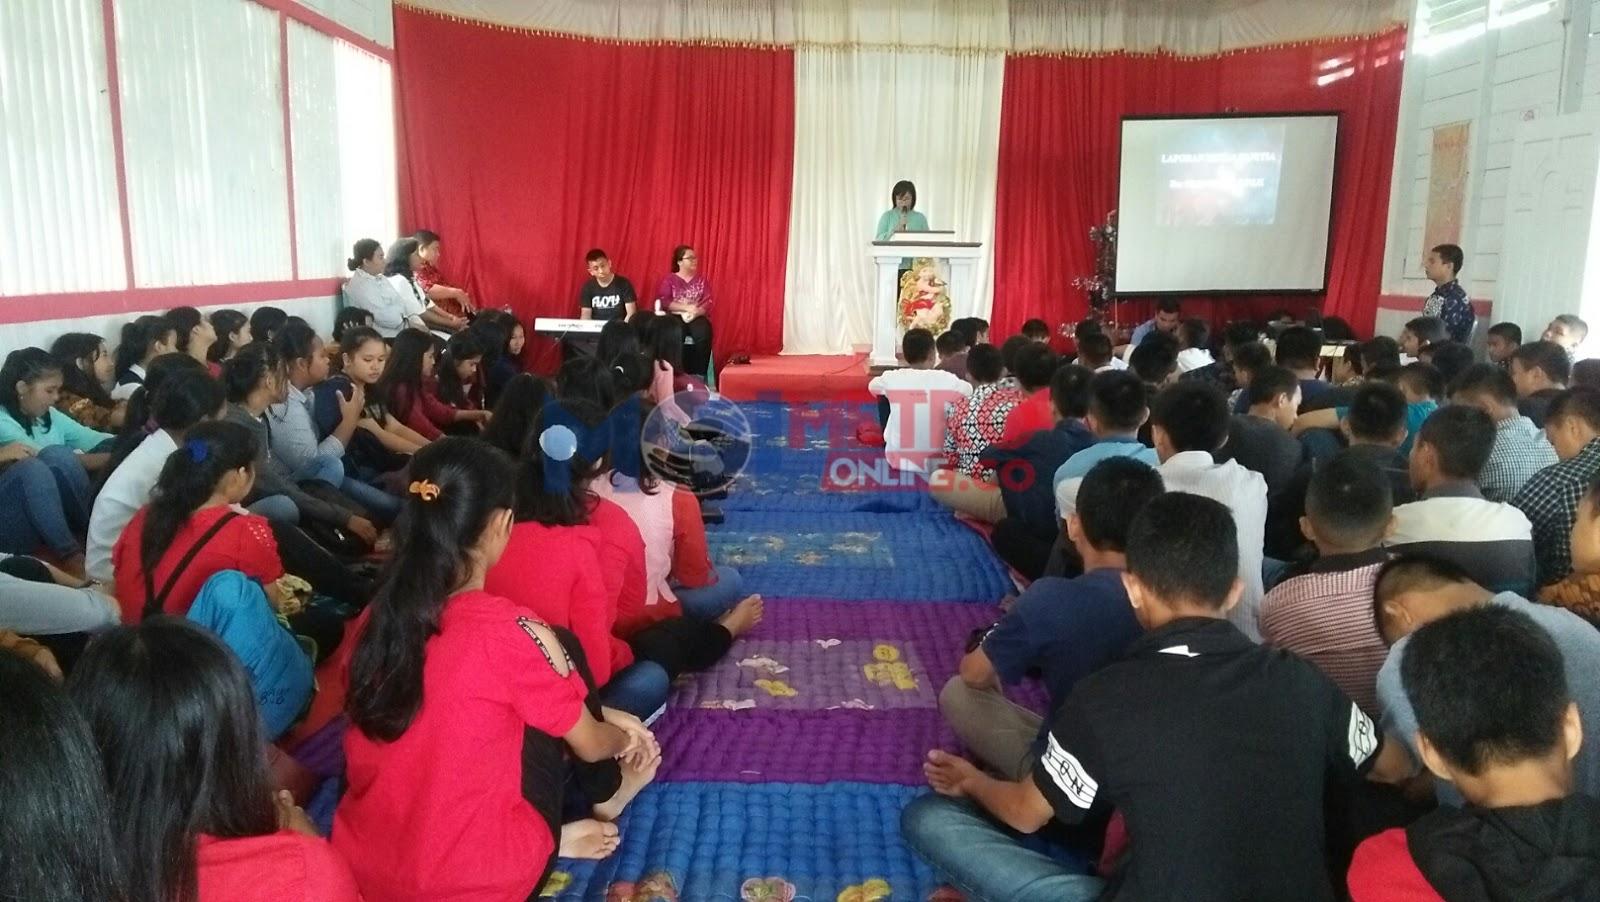 SMPS Pembda 2 Gunungsitoli Gelar Bible Camp & Tafakur Kepada Kelas IX